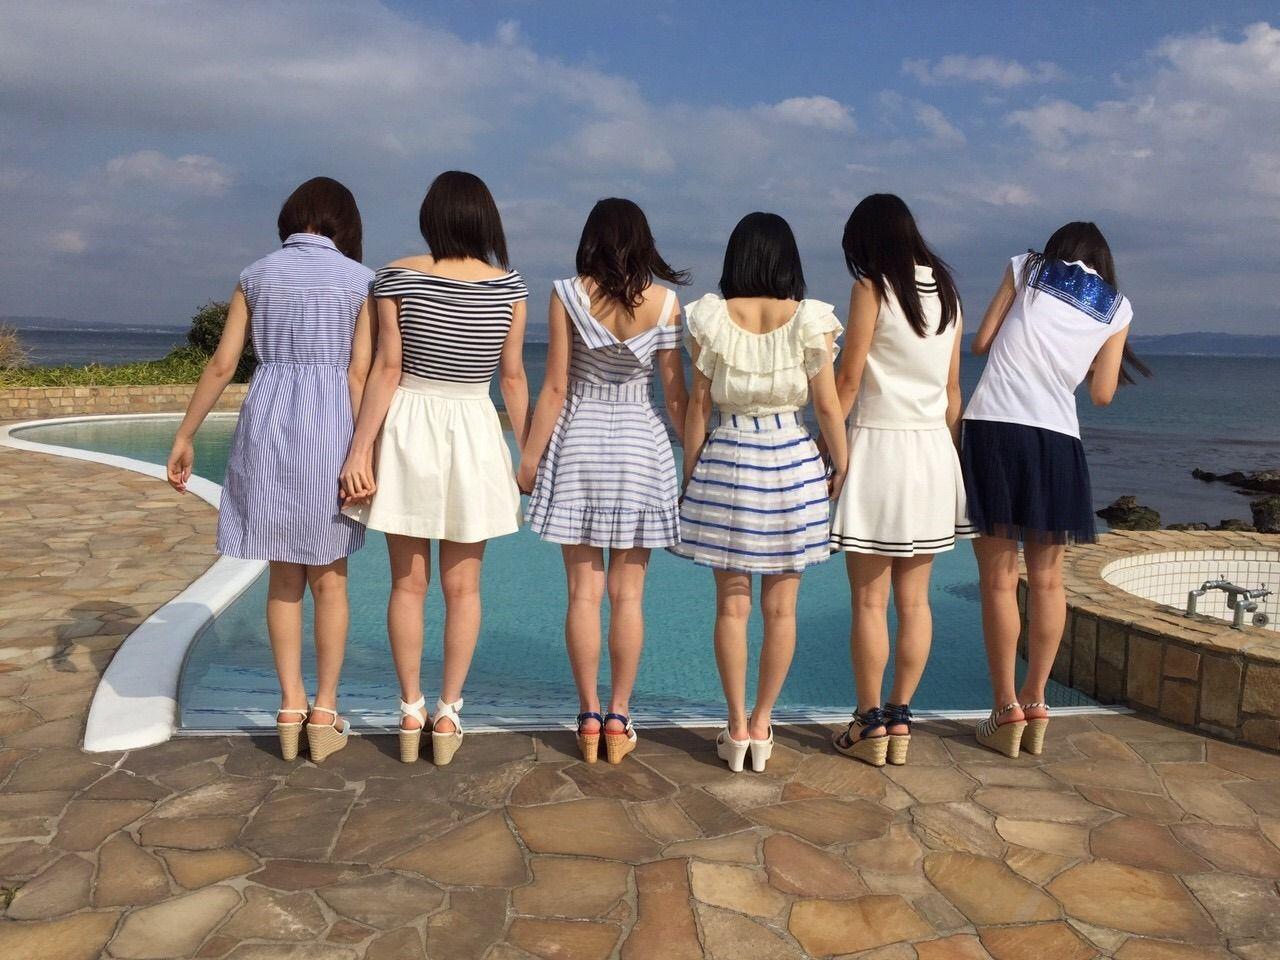 乃木坂46 海 2017